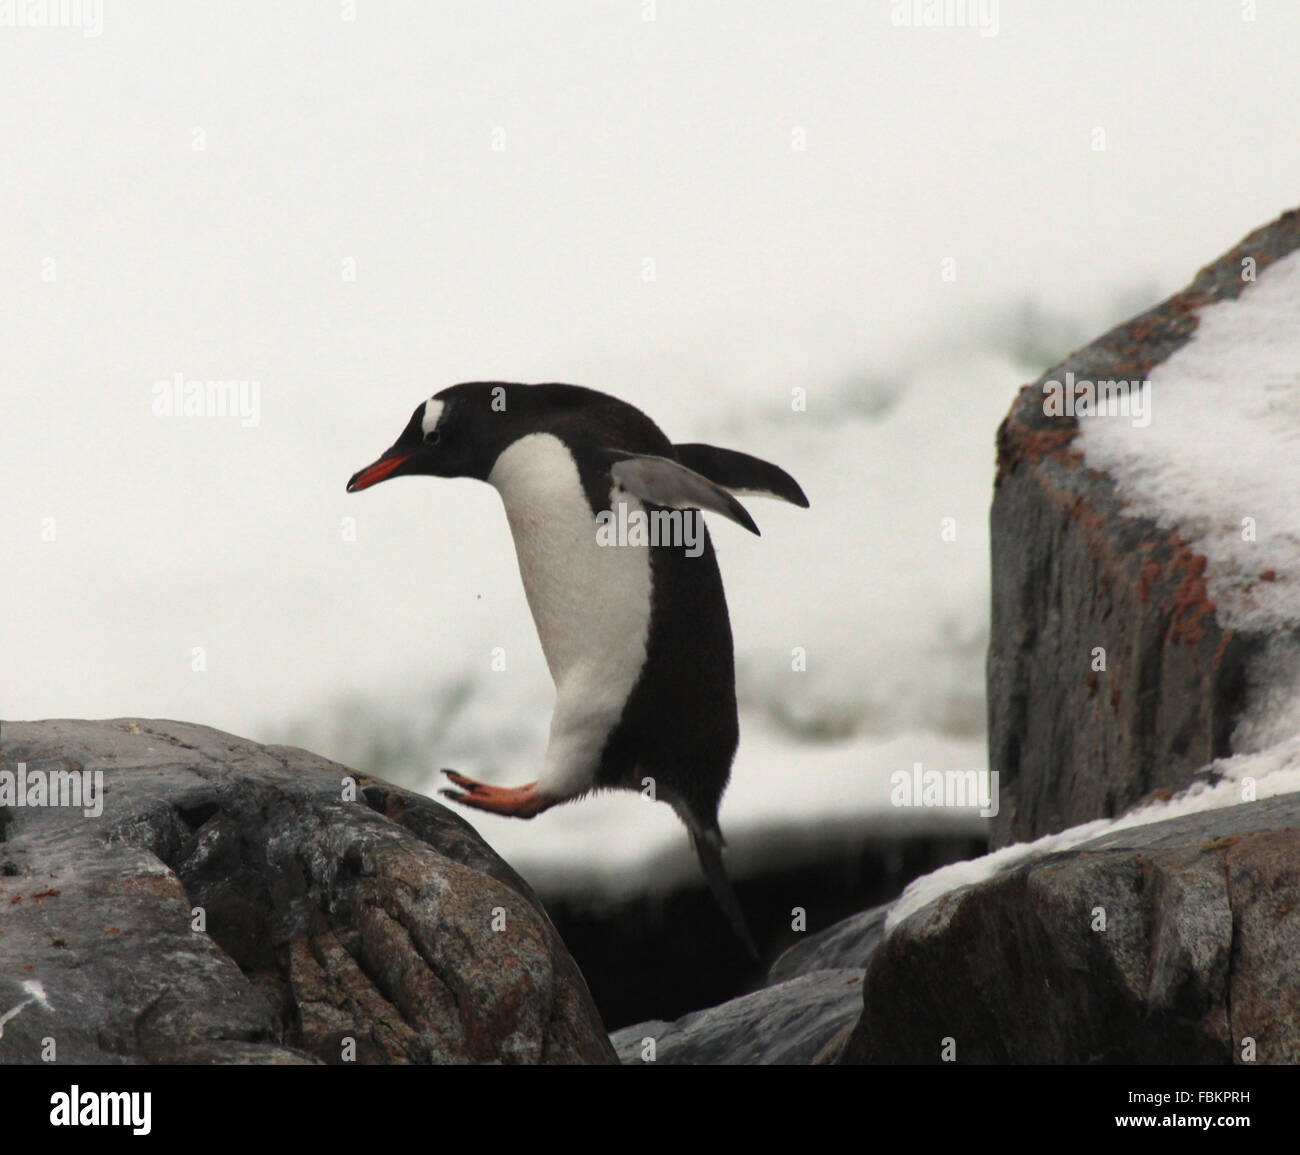 Un pingüino Gentoo saltar de una roca en la Antártida Imagen De Stock